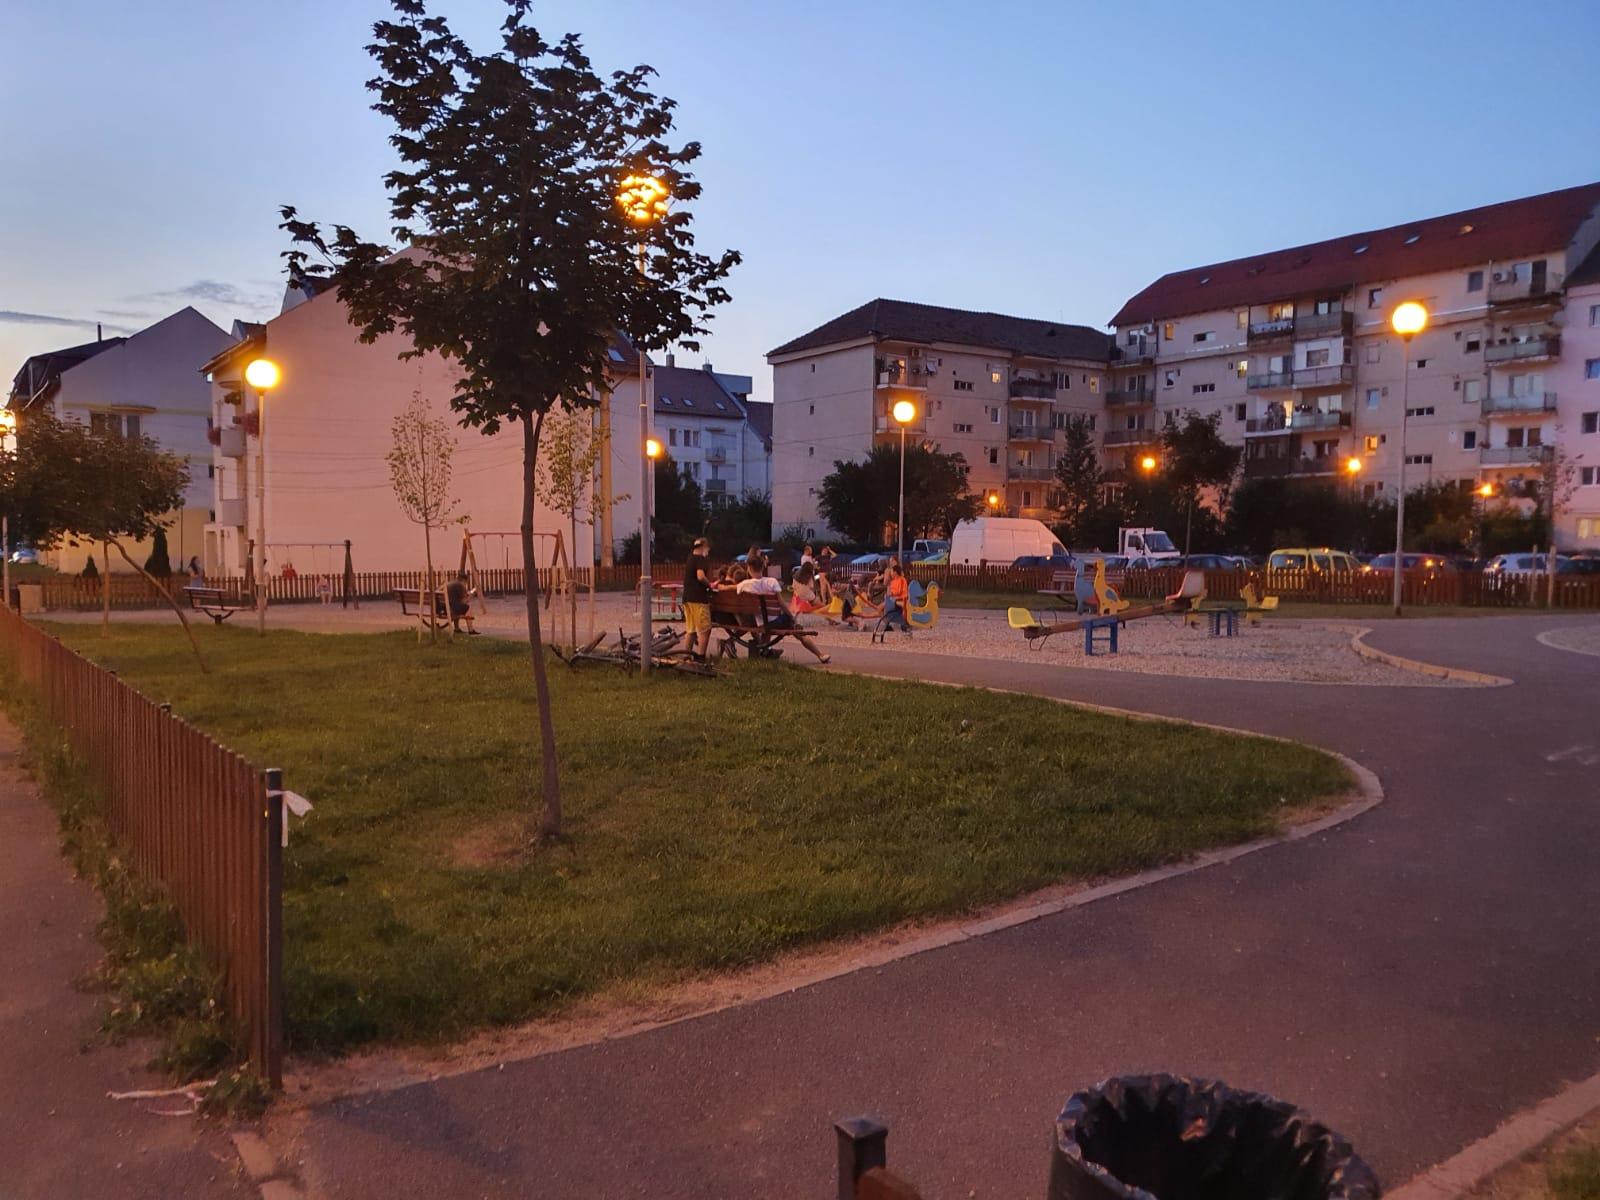 Tătaru: Am văzut îngrijorare legat de mersul la școală, dar vedem parcurile și locurile de joacă pline